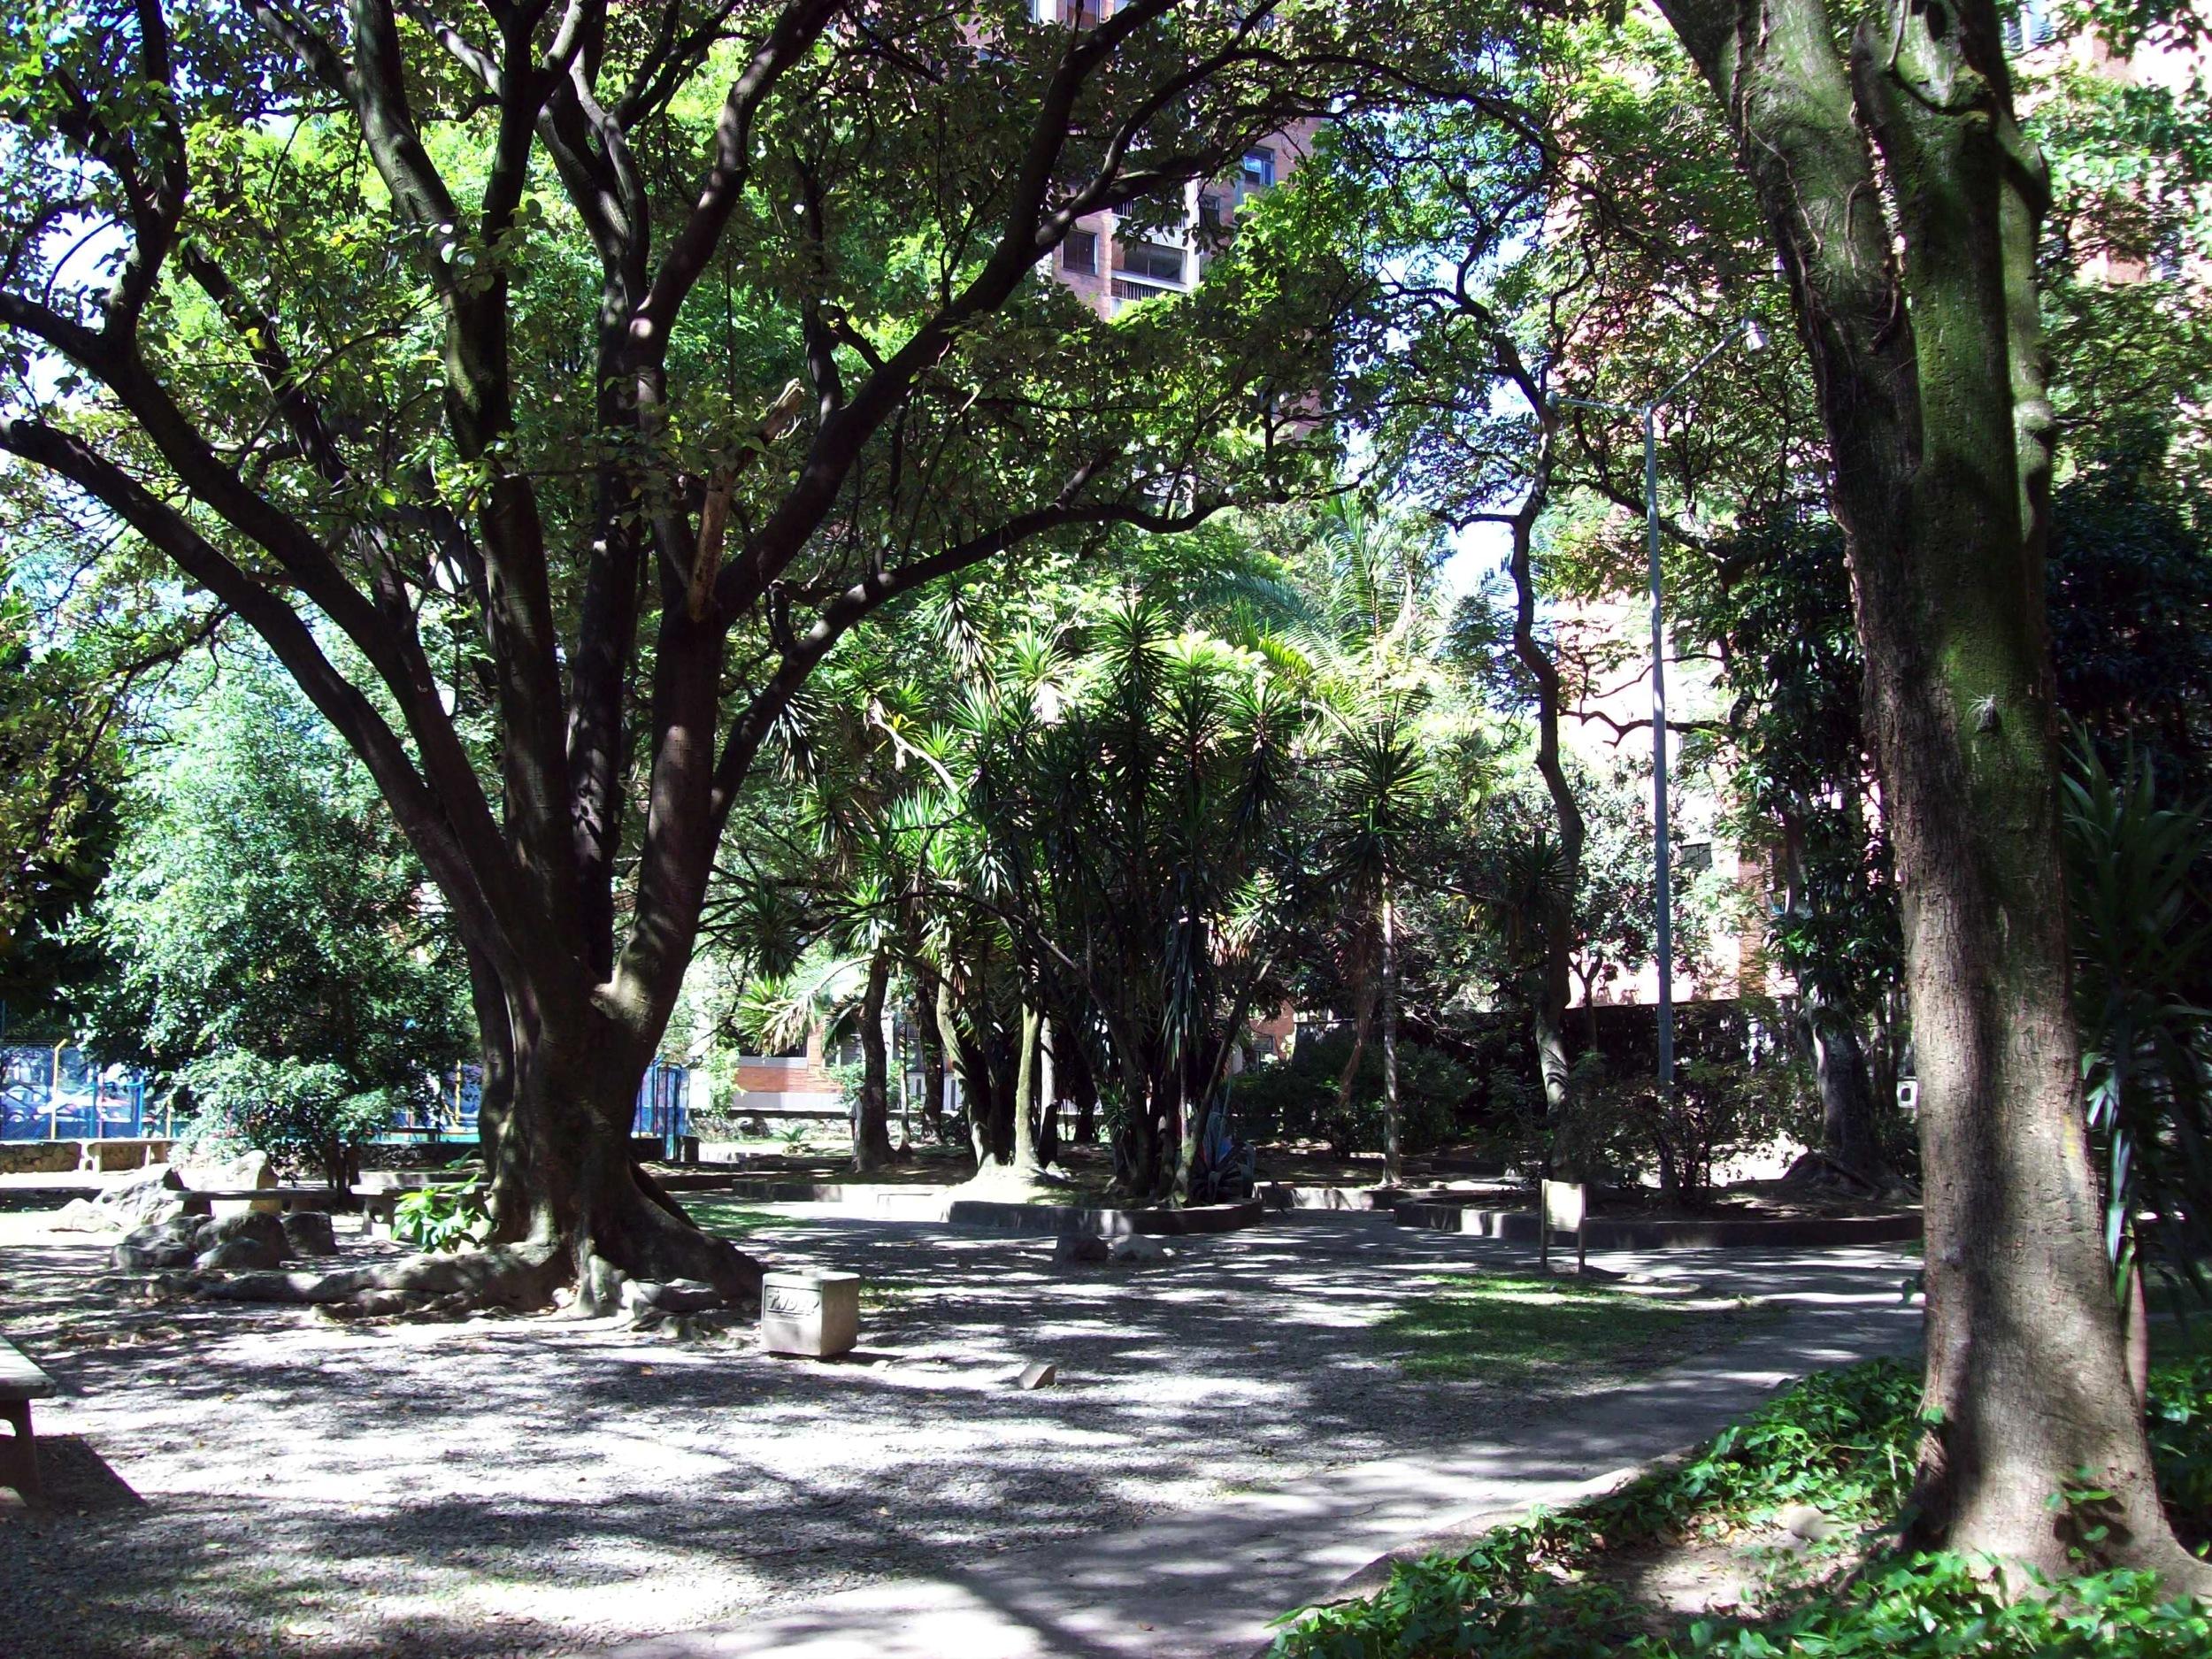 Parques y jardines dise o del paisaje for Diseno de parques y jardines